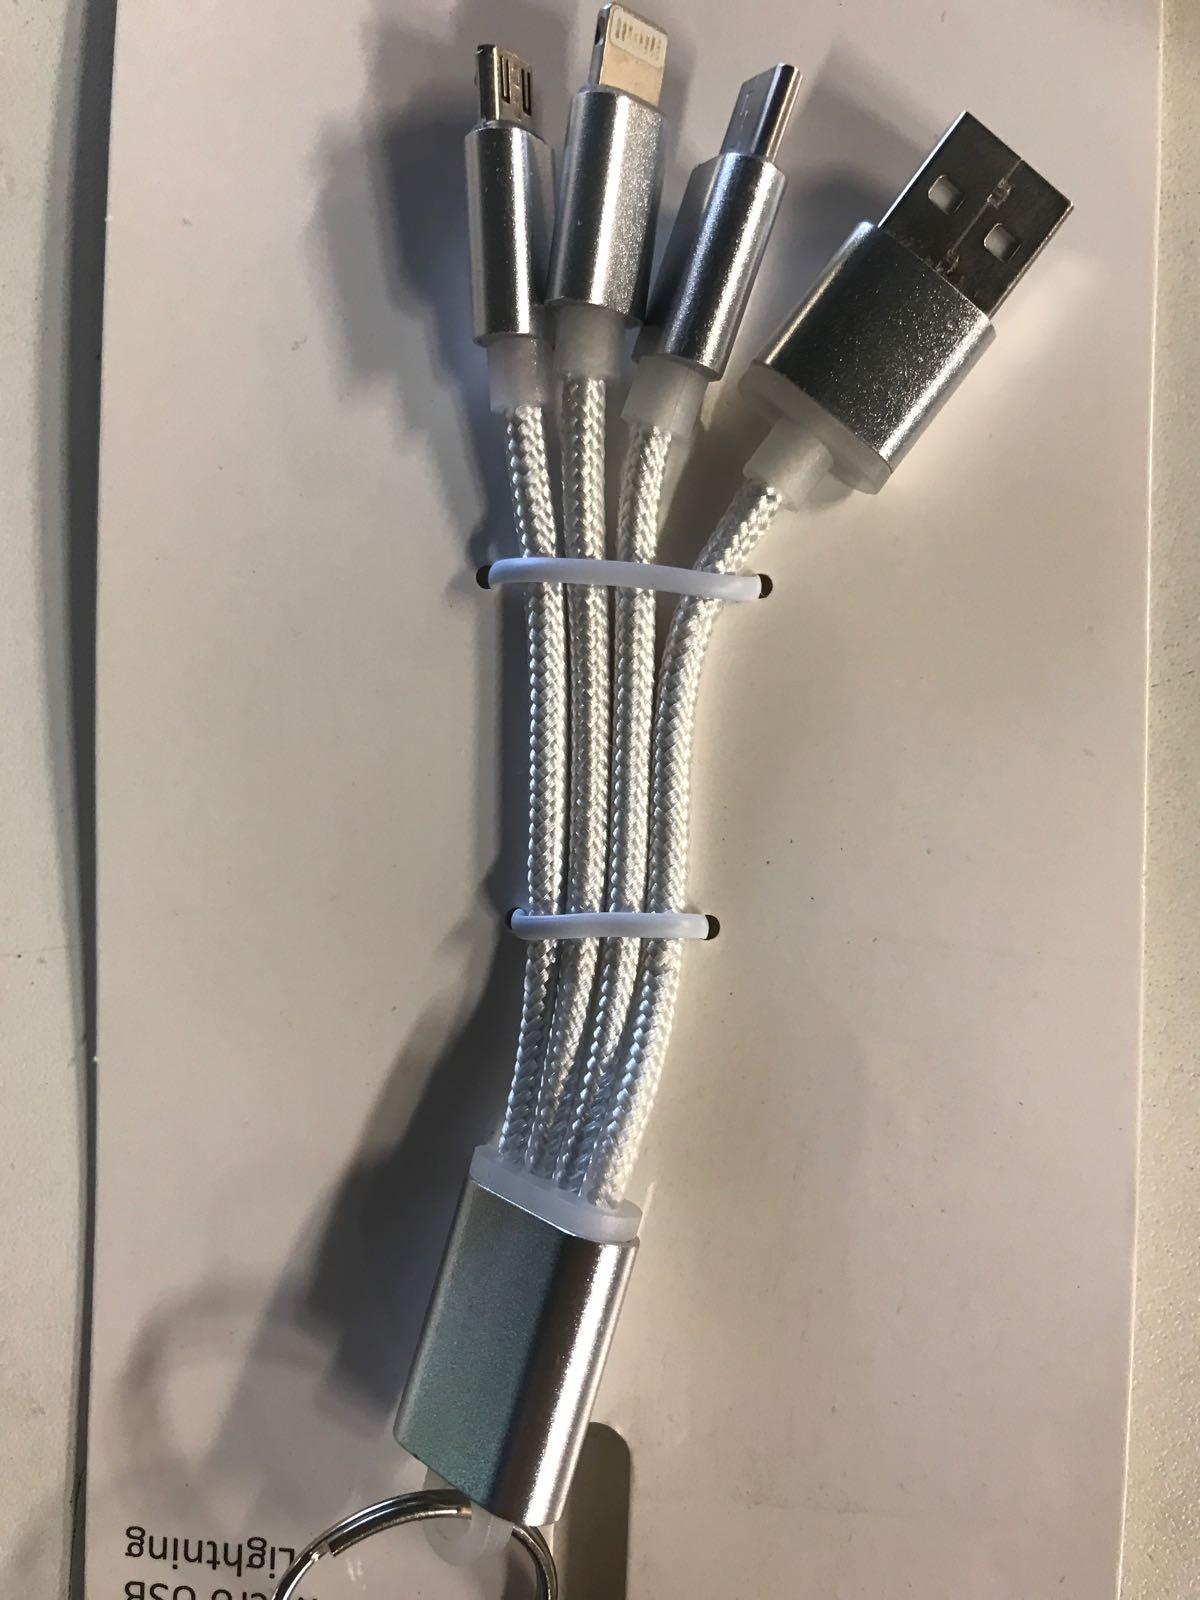 Nyckelring med 4 olika laddsladdar